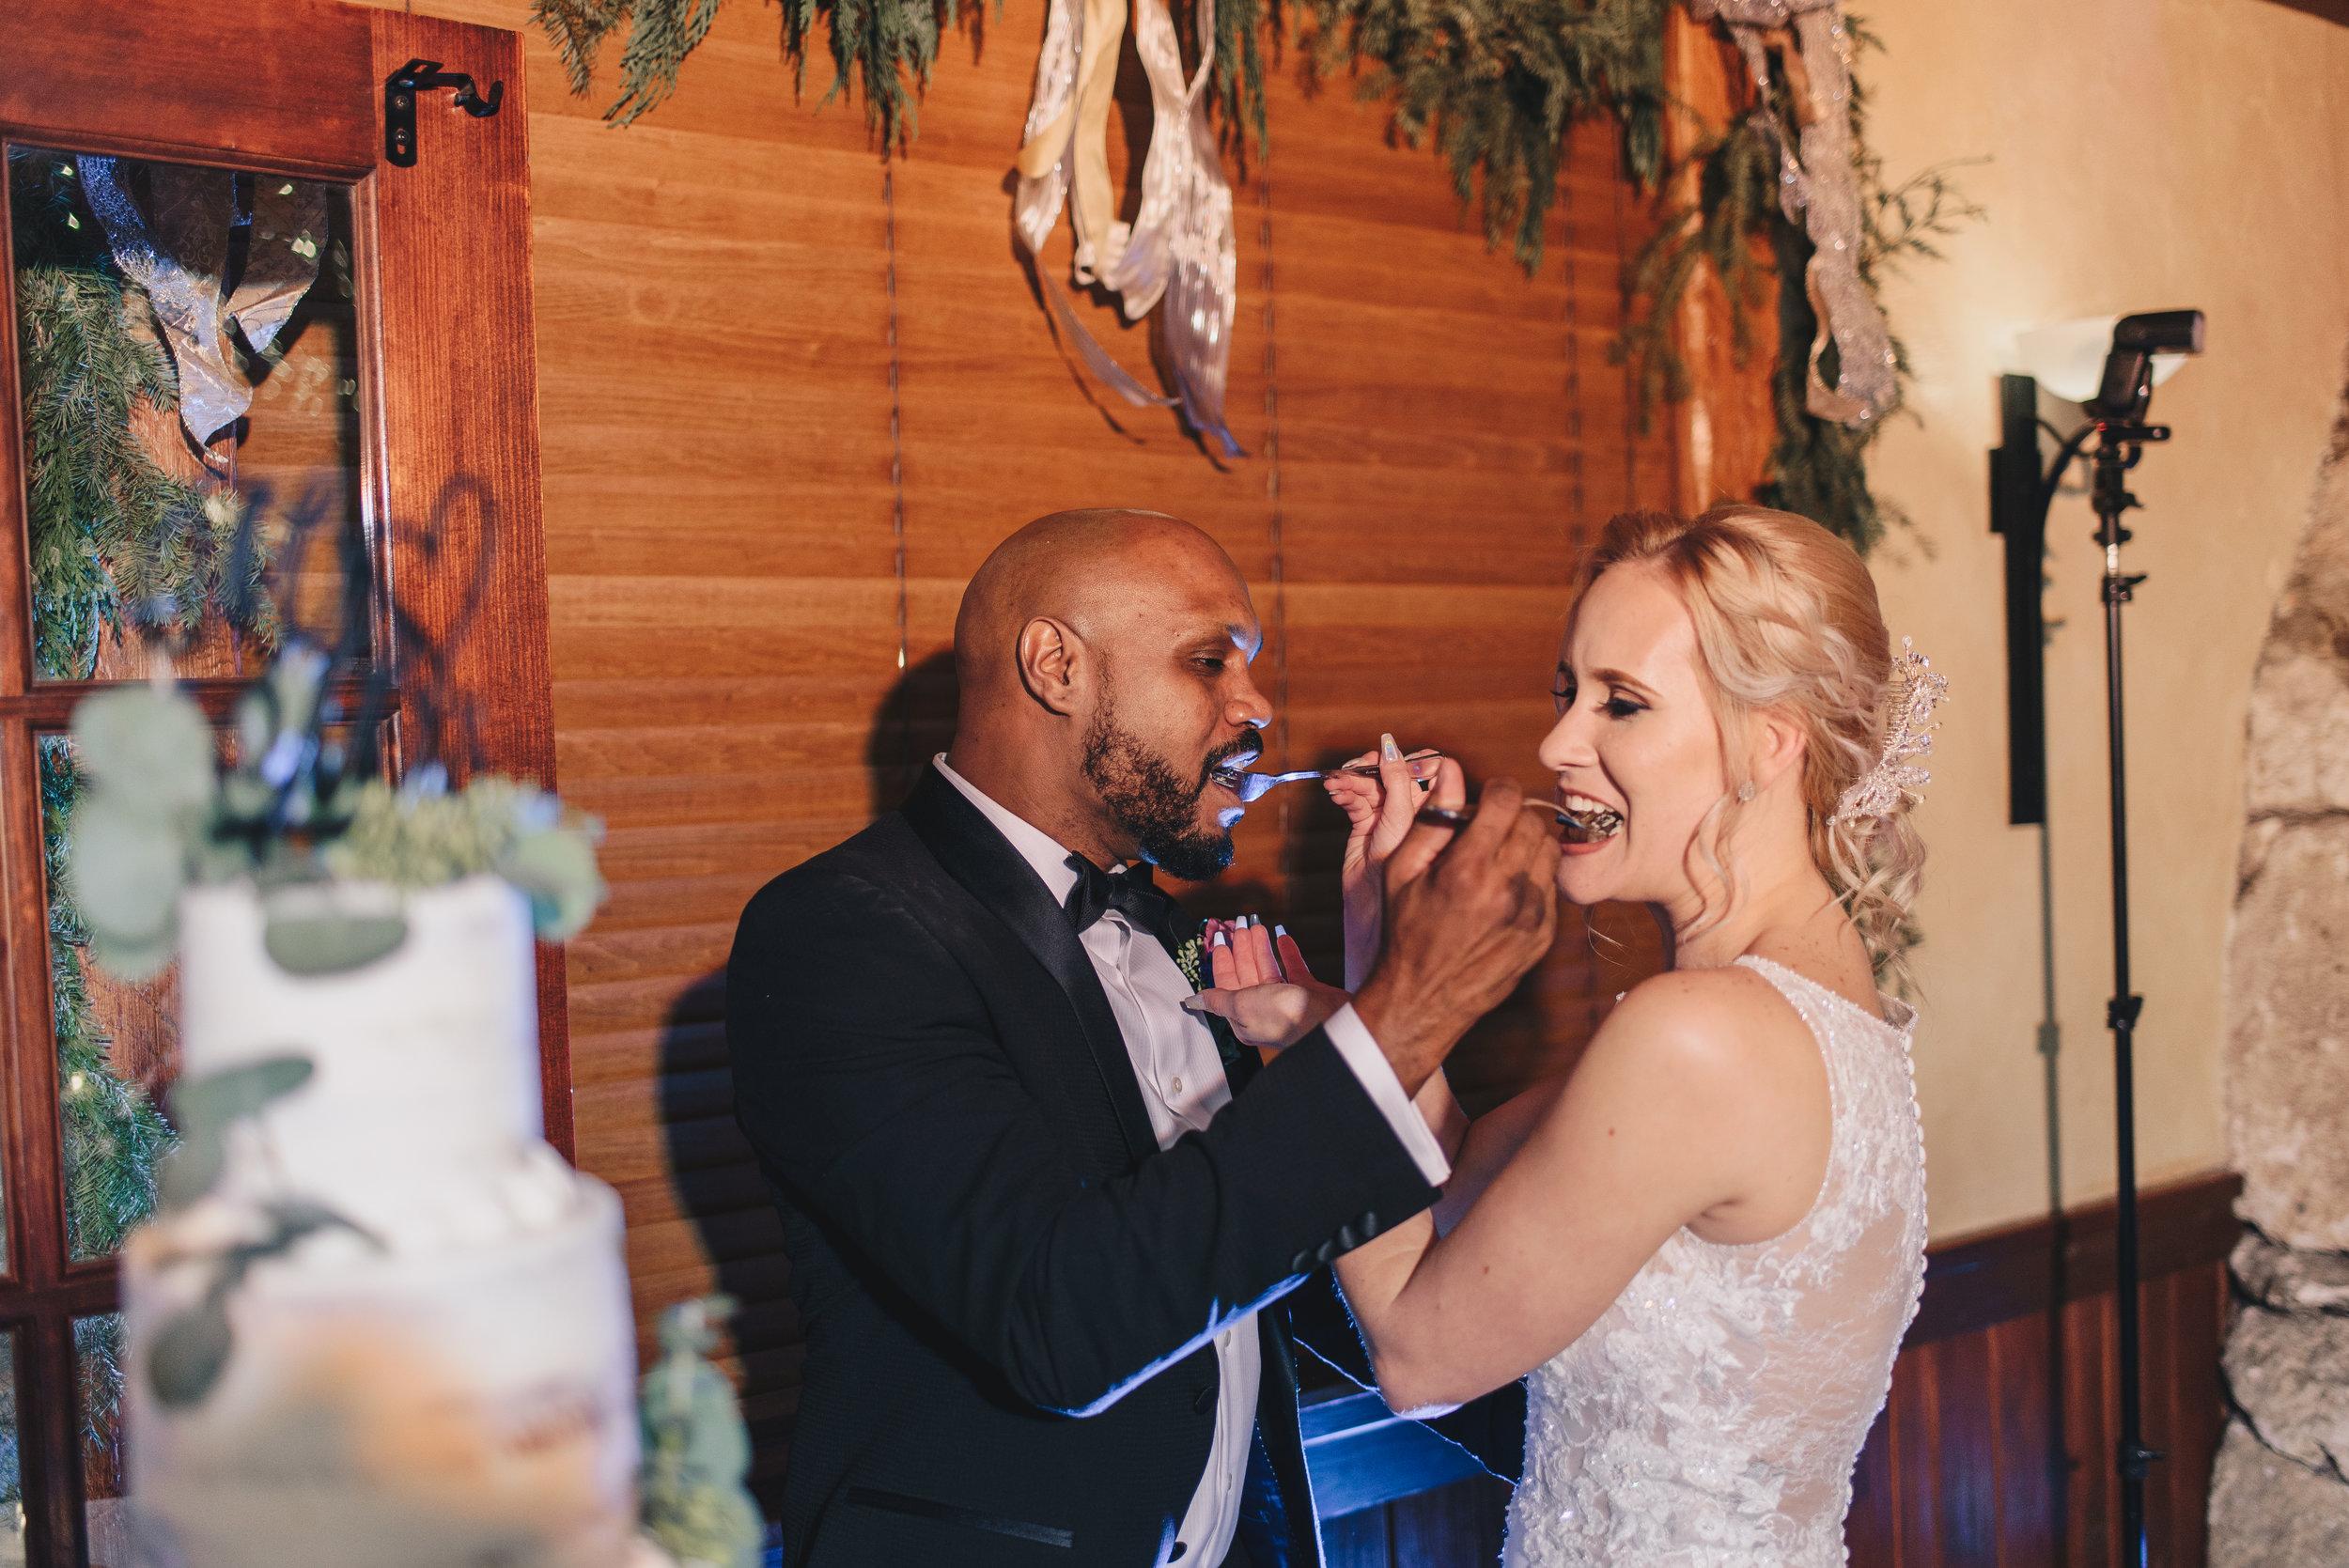 Los-Vargas-Photo-Wedding-Historic-Dubsdread-Ballroom-9214.jpg